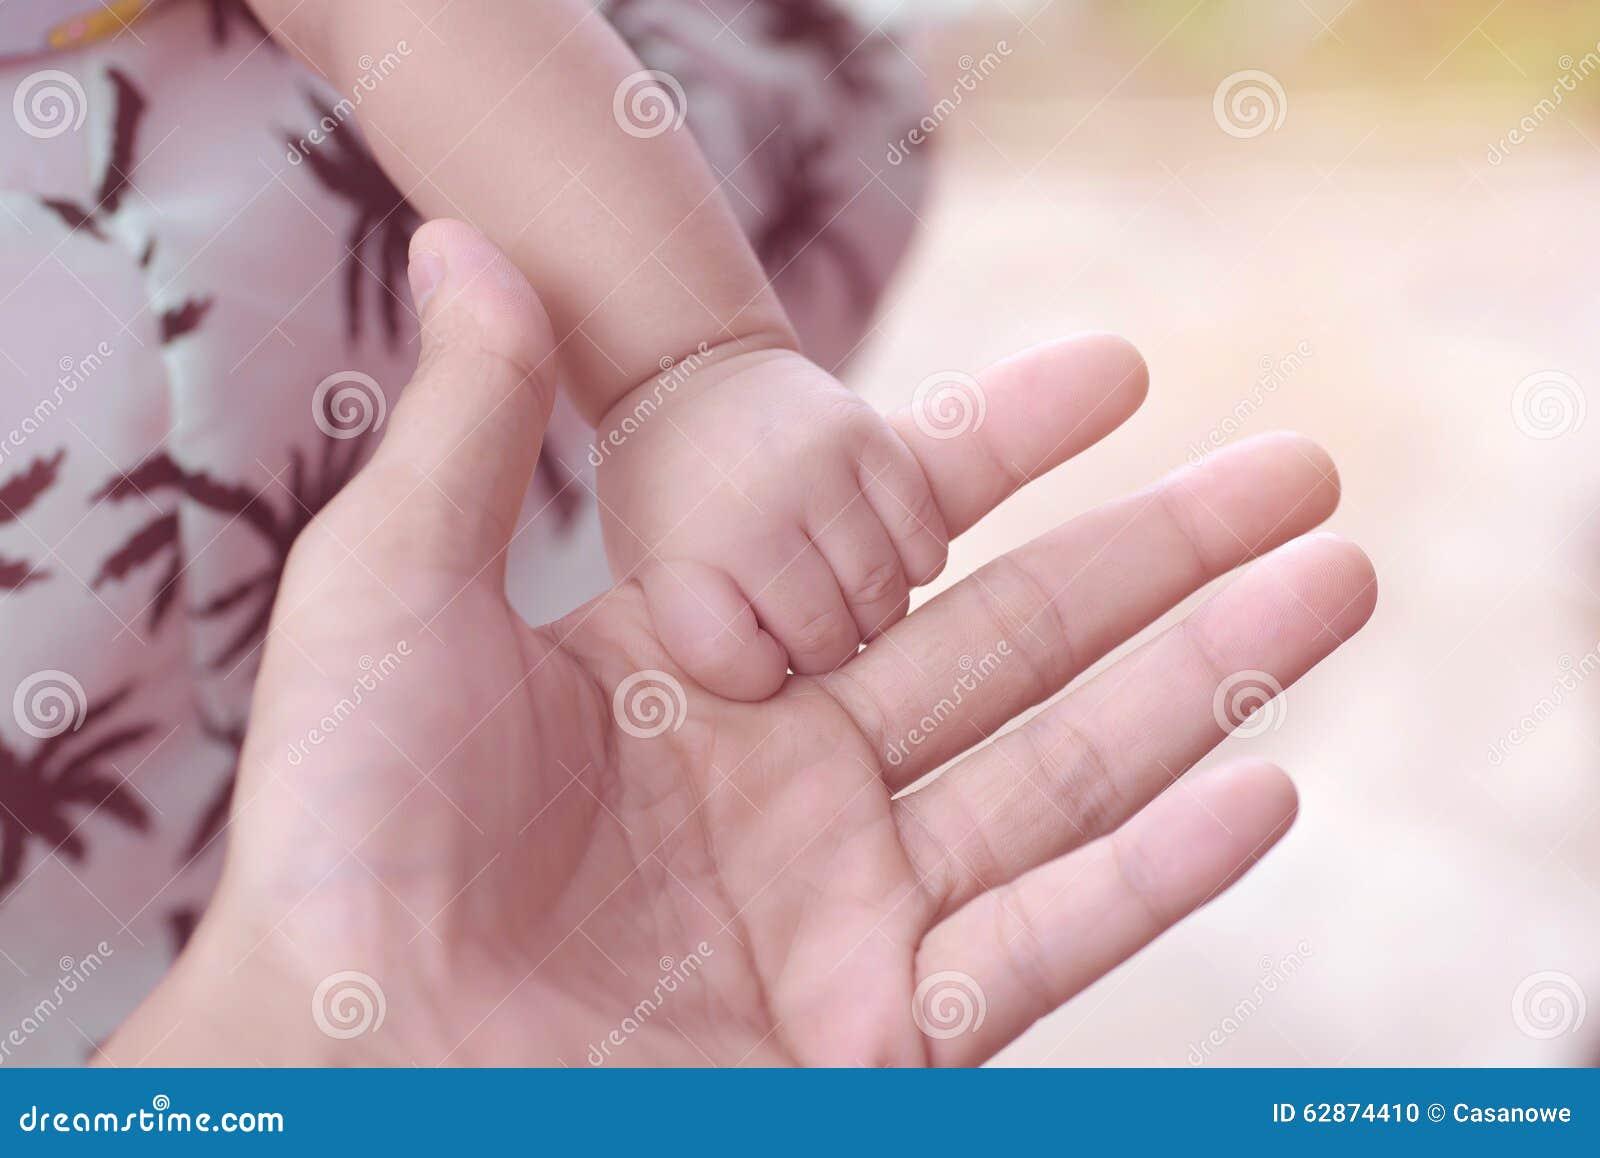 Δάχτυλο της χαριτωμένης νεογέννητης μωρών χεριών μητέρας εκμετάλλευσης